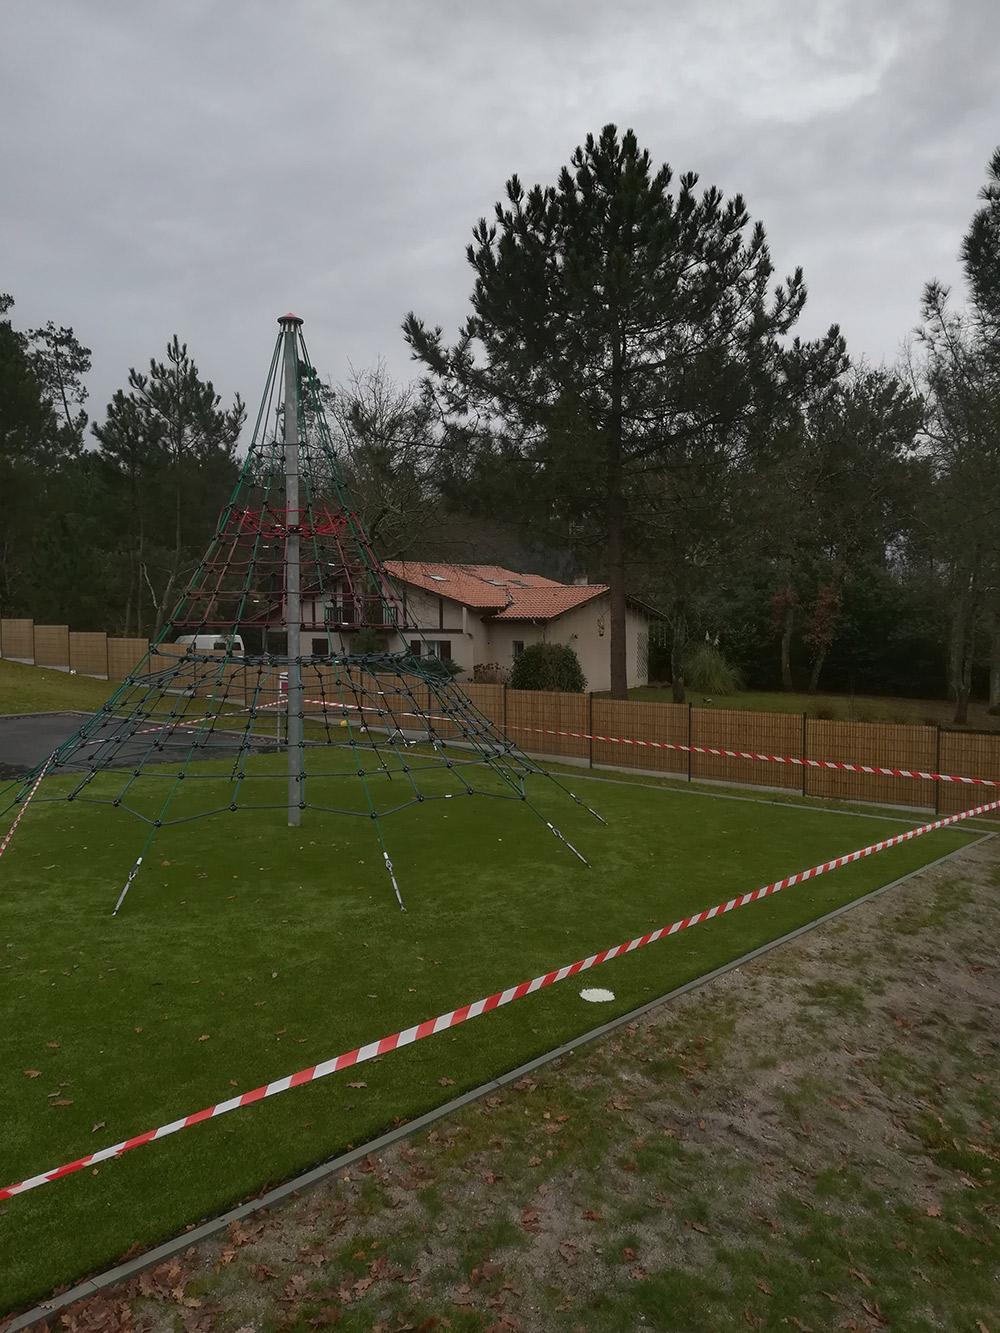 Playground Sports Img (26) 384